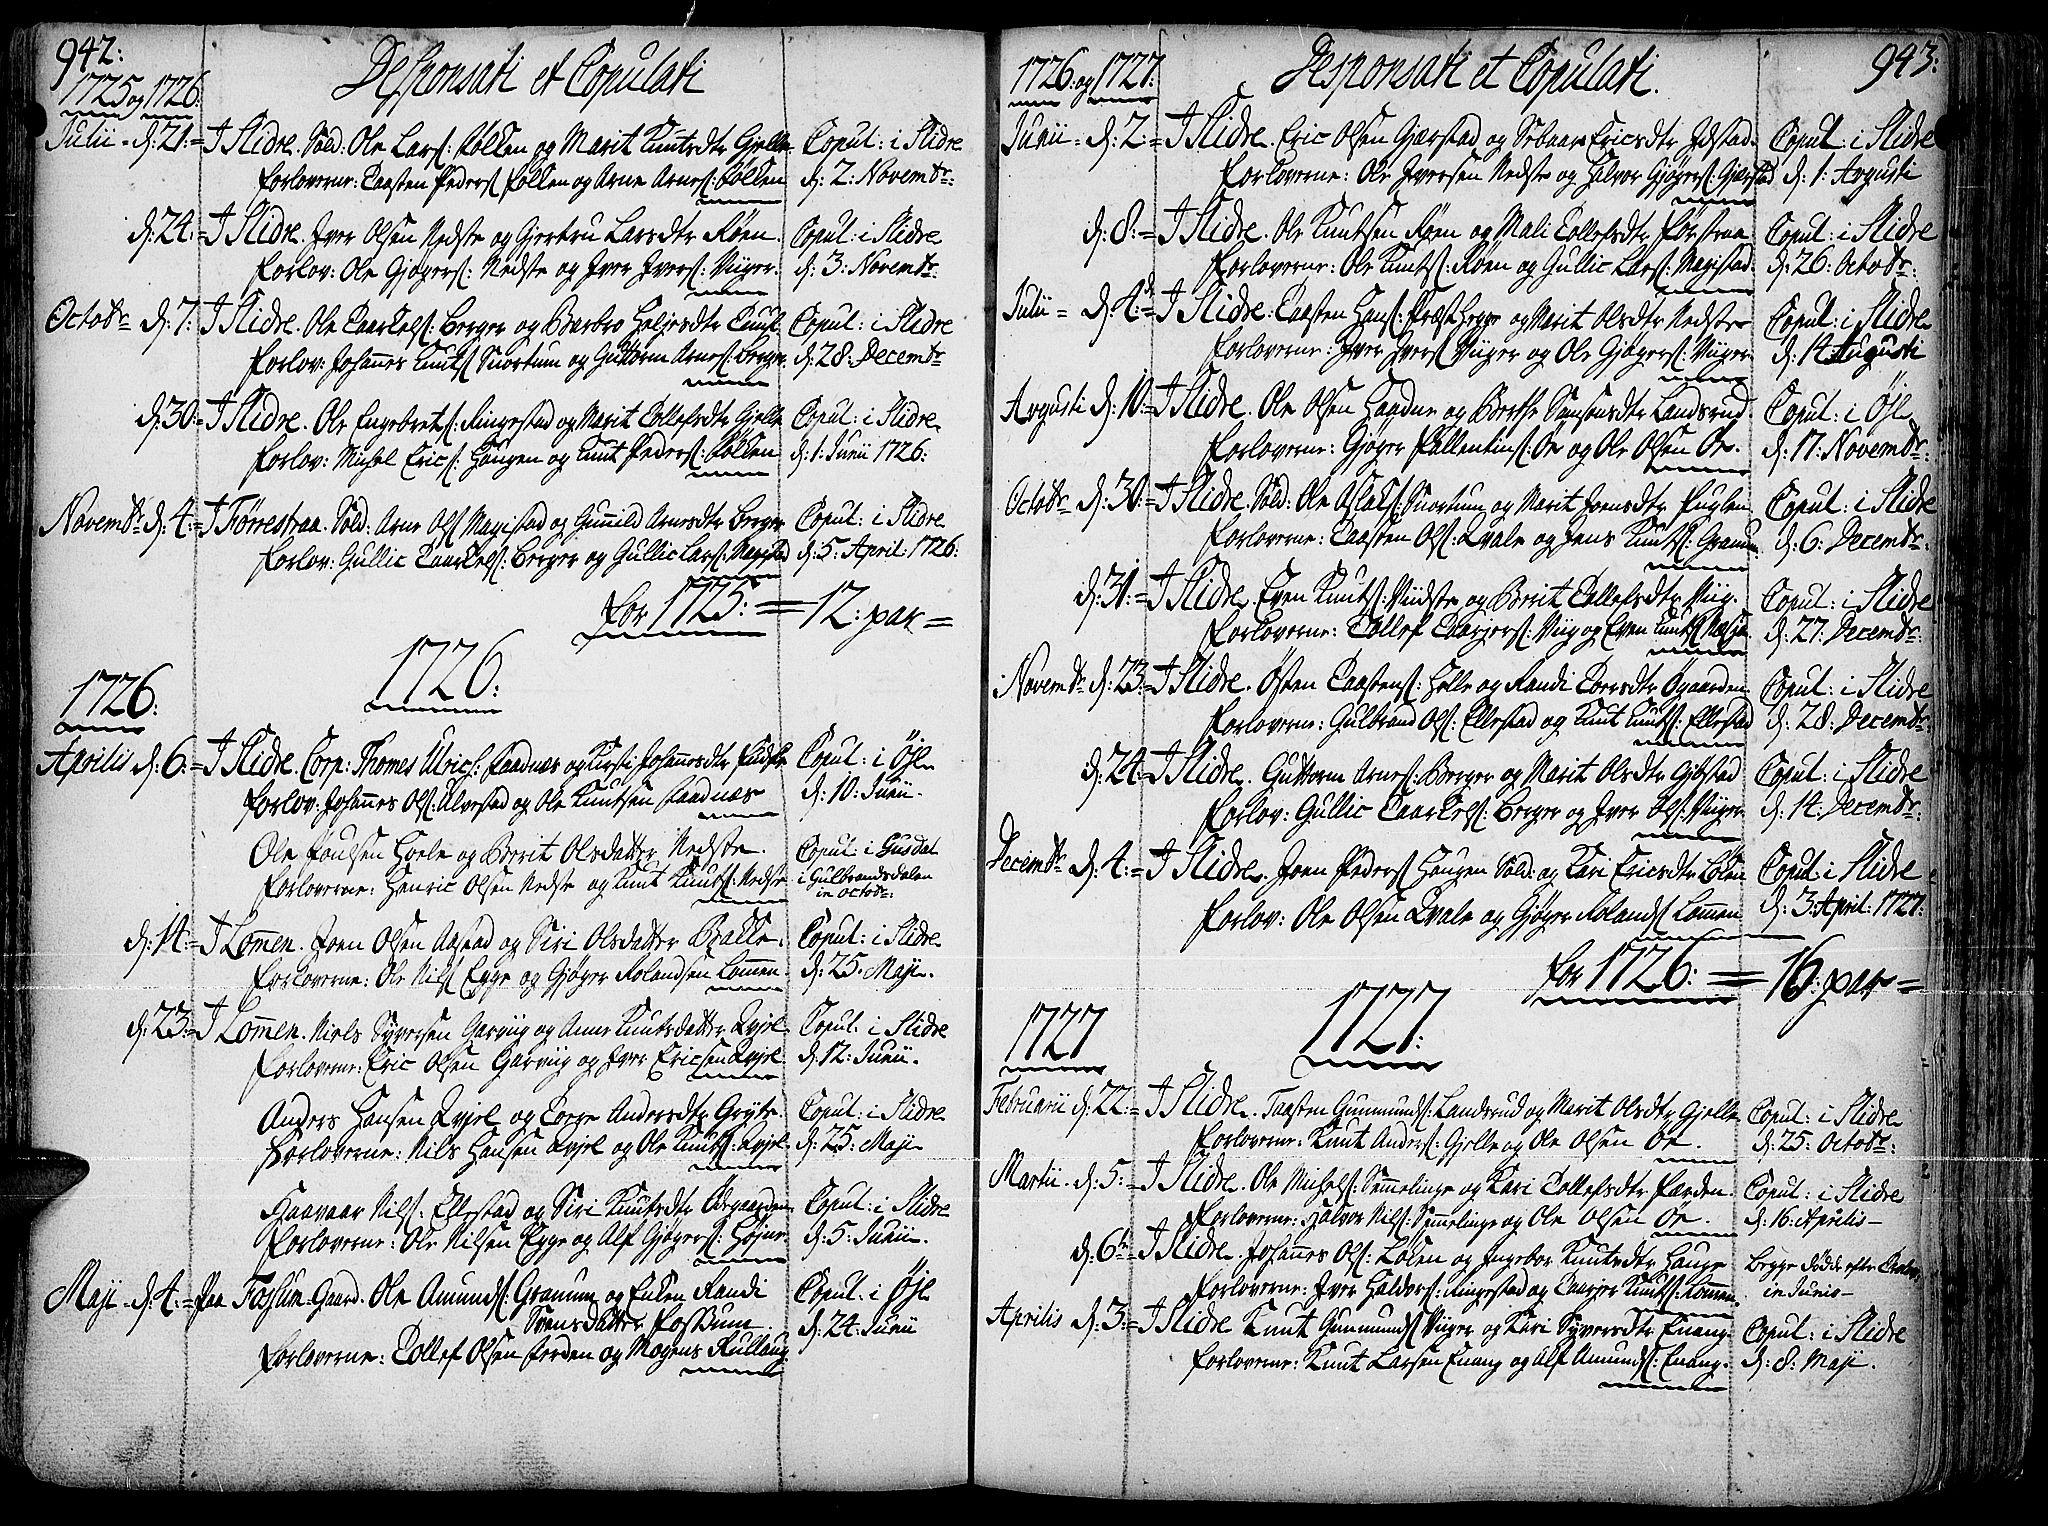 SAH, Slidre prestekontor, Ministerialbok nr. 1, 1724-1814, s. 942-943